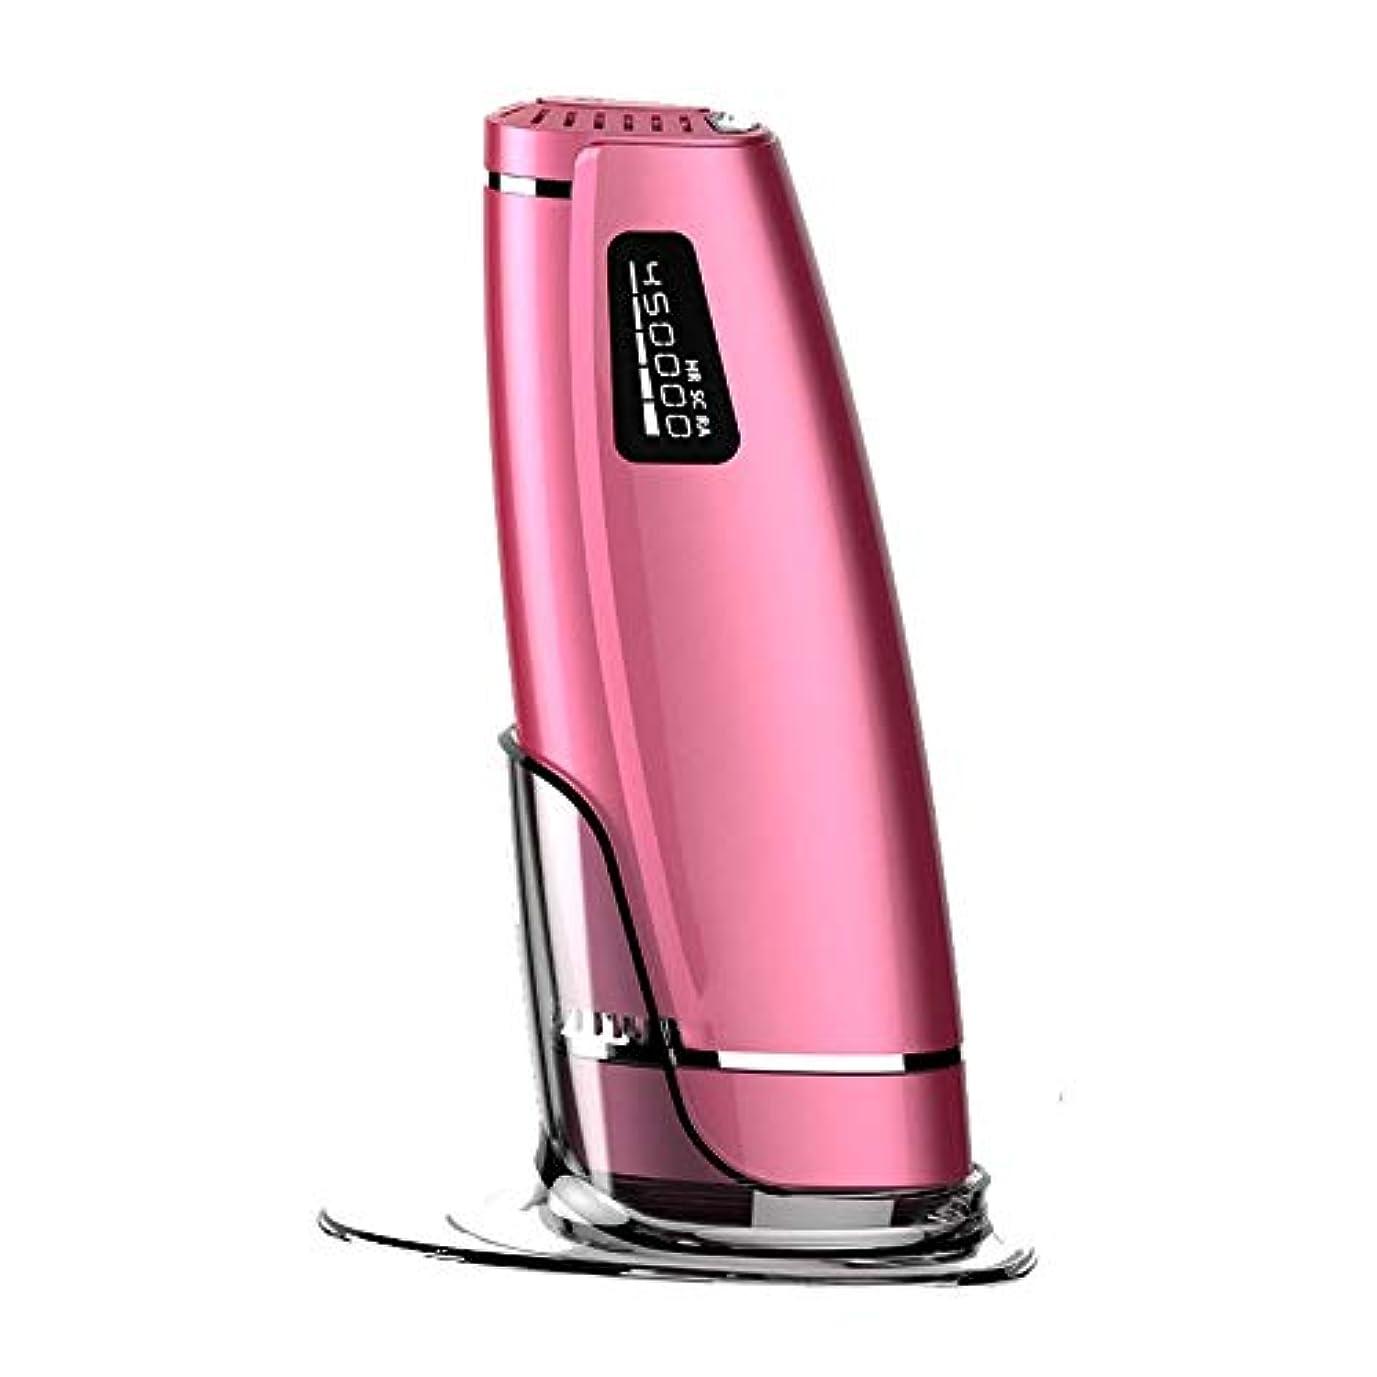 やりすぎ家庭グリップ携帯用永久的な毛の除去剤、ピンク、デュアルモード、自動痛みのない毛の除去剤、5スピード調整、サイズ20.5 X 4.5 X 7 Cm 髪以外はきれい (Color : Pink)